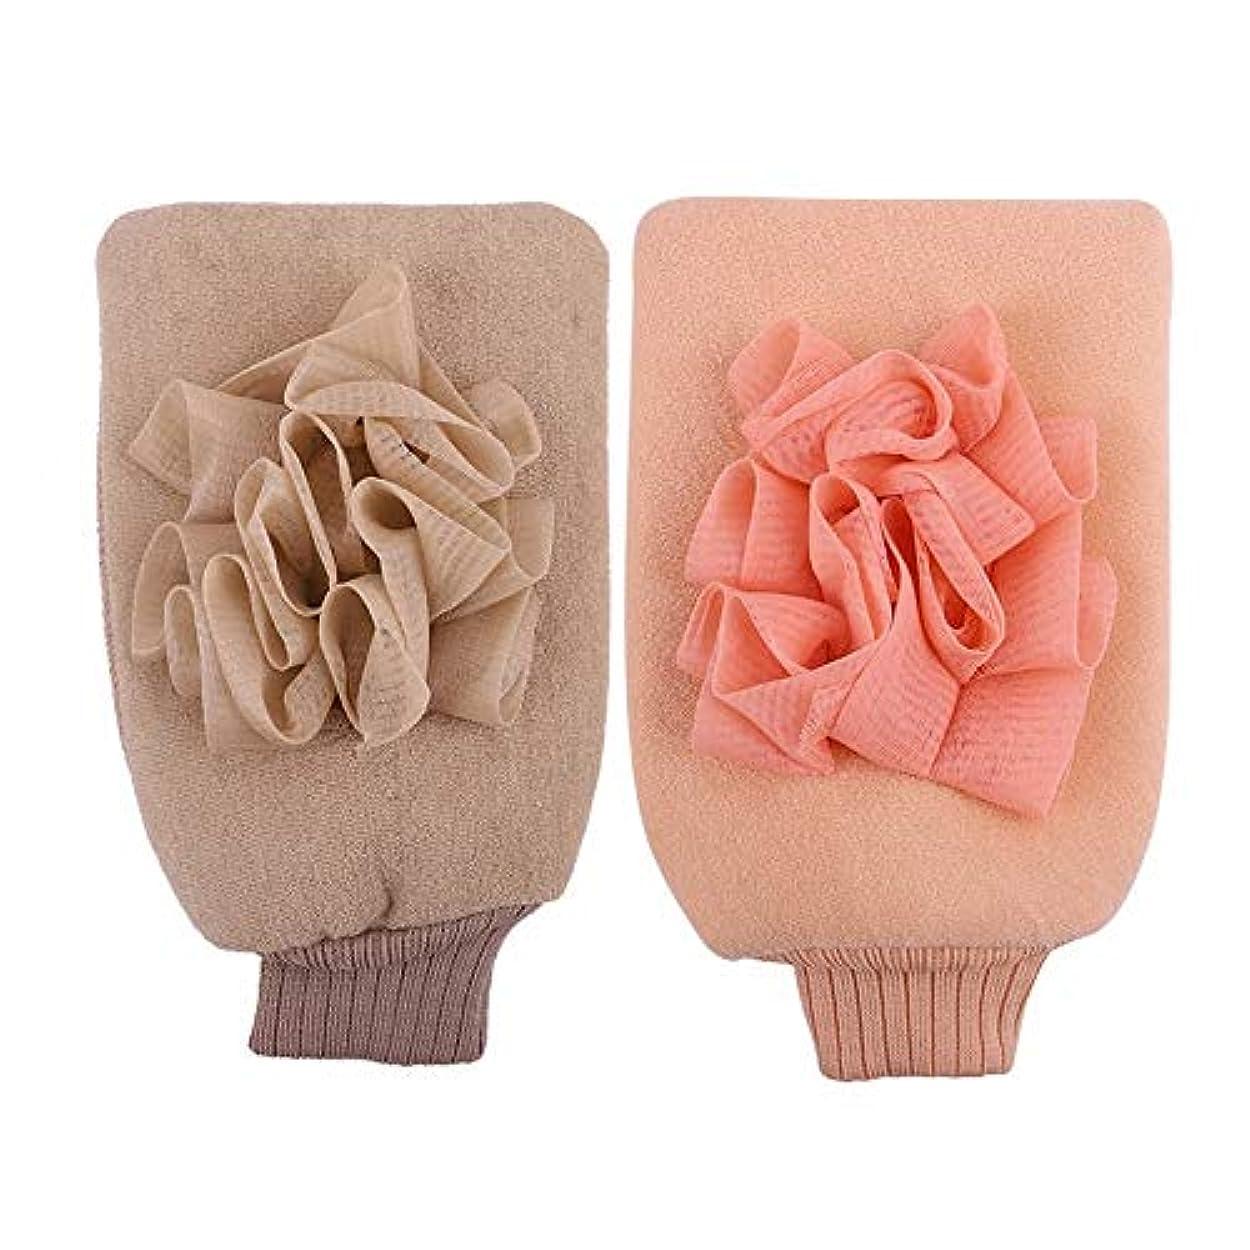 欠点列挙する中庭BTXXYJP お風呂用手袋 シャワー手袋 あかすり手袋 ボディブラシ やわらか ボディタオル バス用品 男女兼用 角質除去 (Color : Pink+beige)